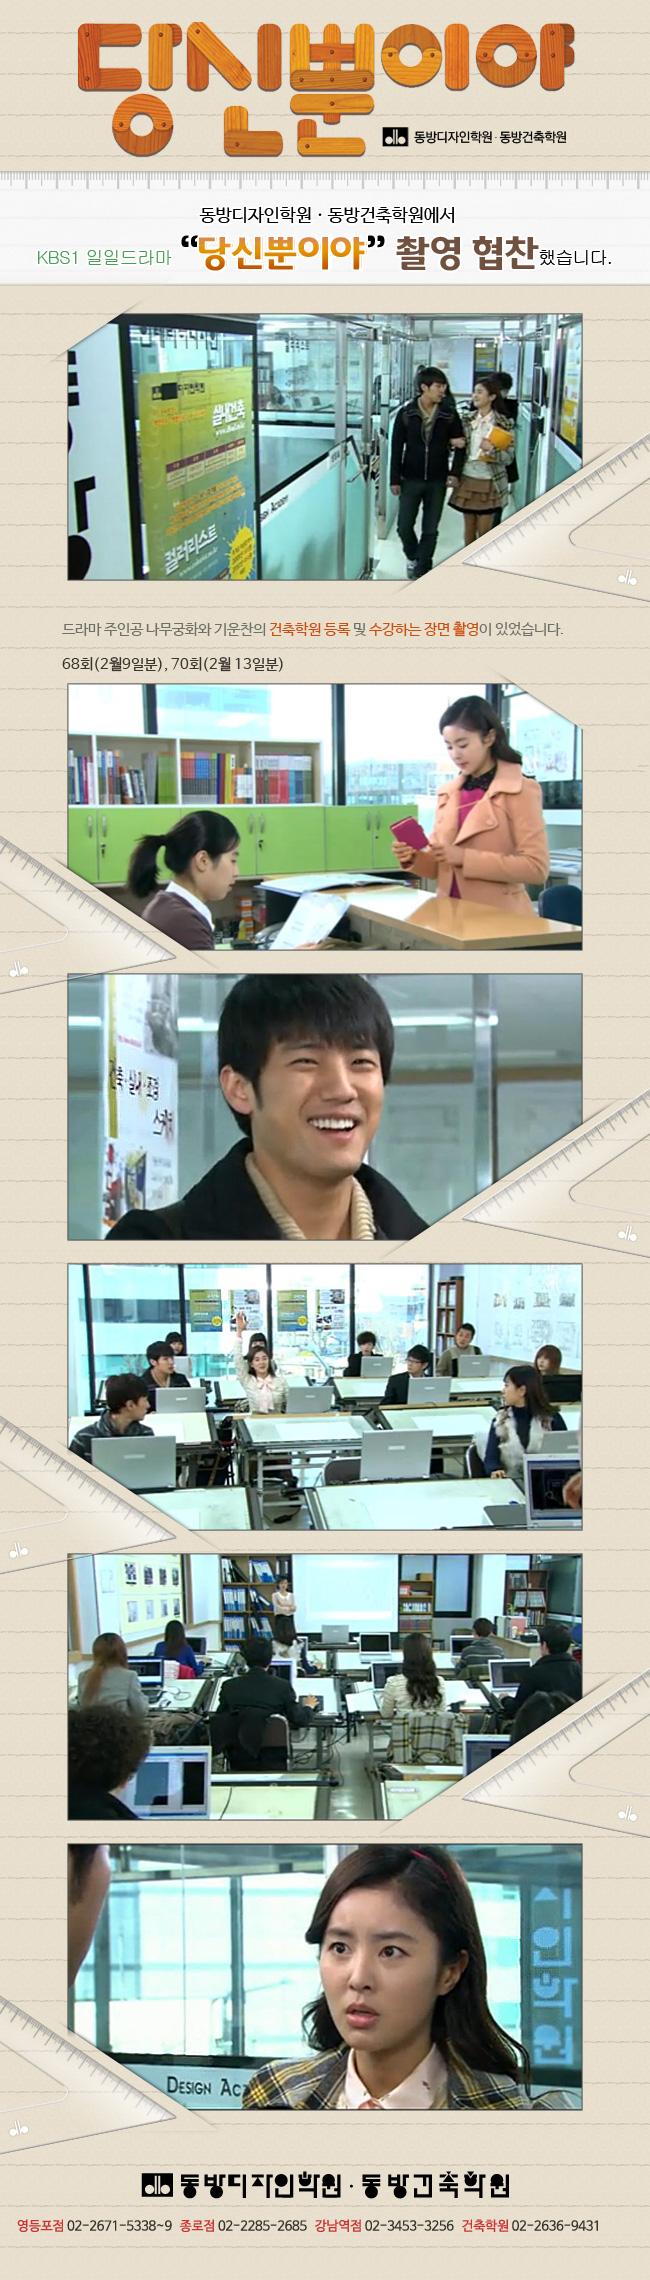 (주)동방디자인학원ㆍ(주)동방건축학원, KBS1 일일드라마 당신뿐이야 촬영장소협찬